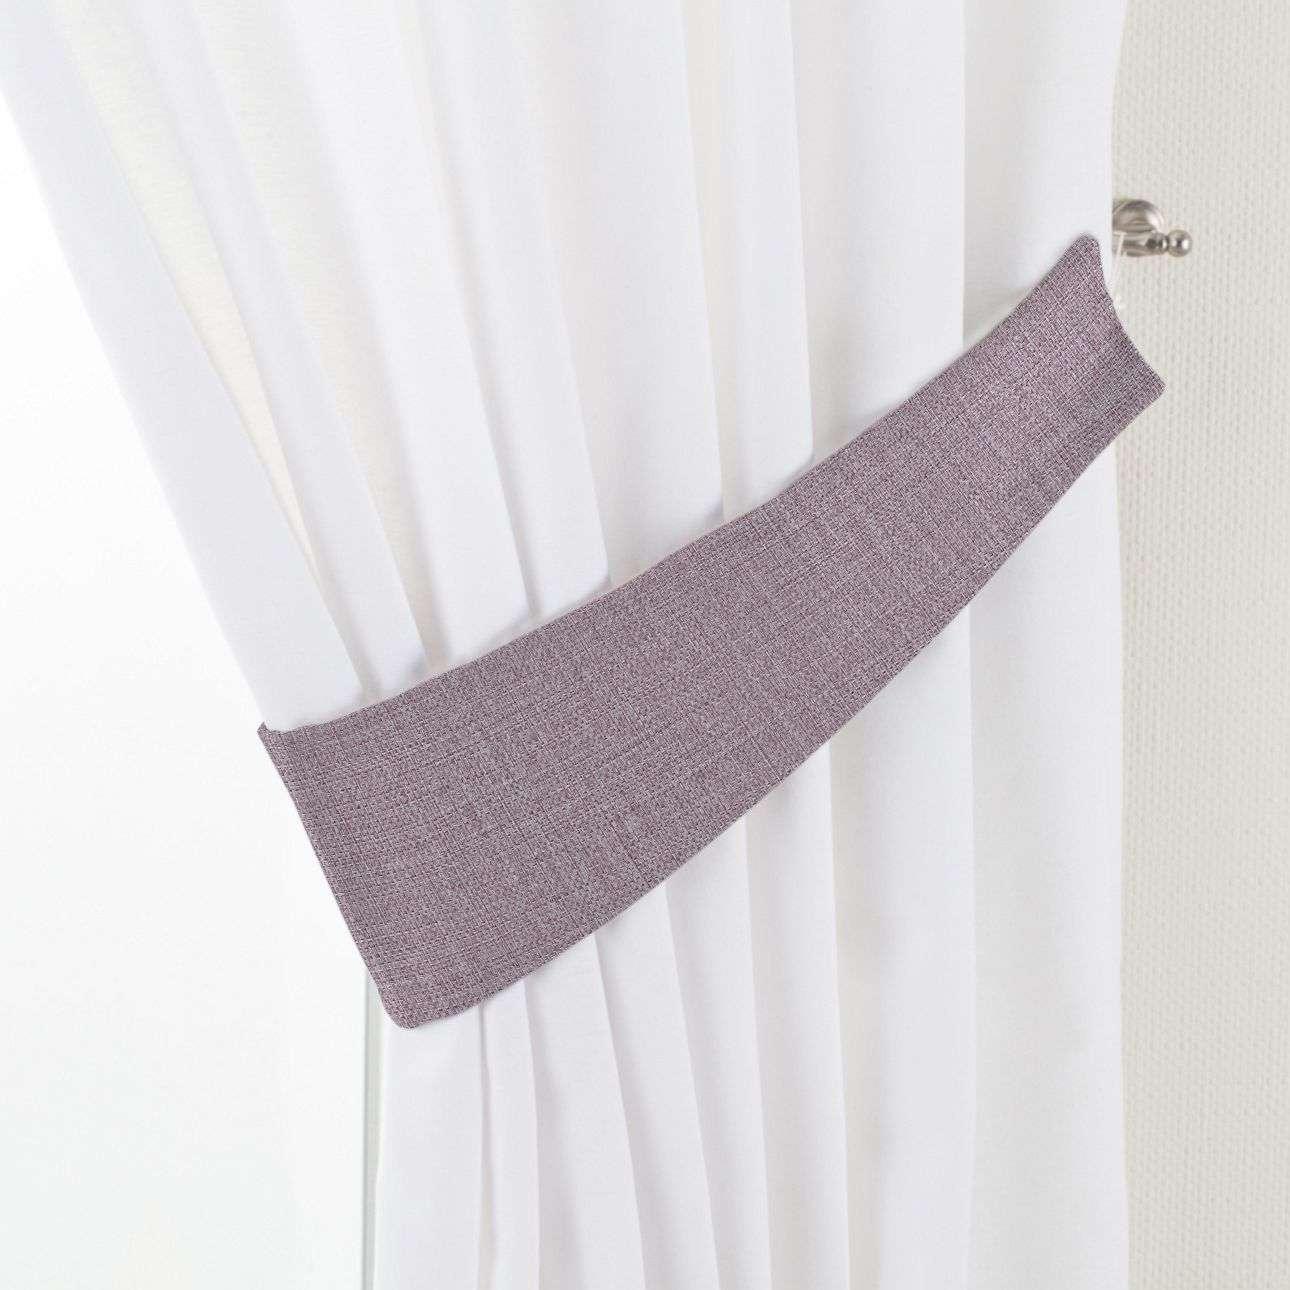 Raffhalter Victoria, violett, 12 × 70 cm, Blackout (verdunkelnd) | Heimtextilien > Gardinen und Vorhänge > Raffhalter | Dekoria